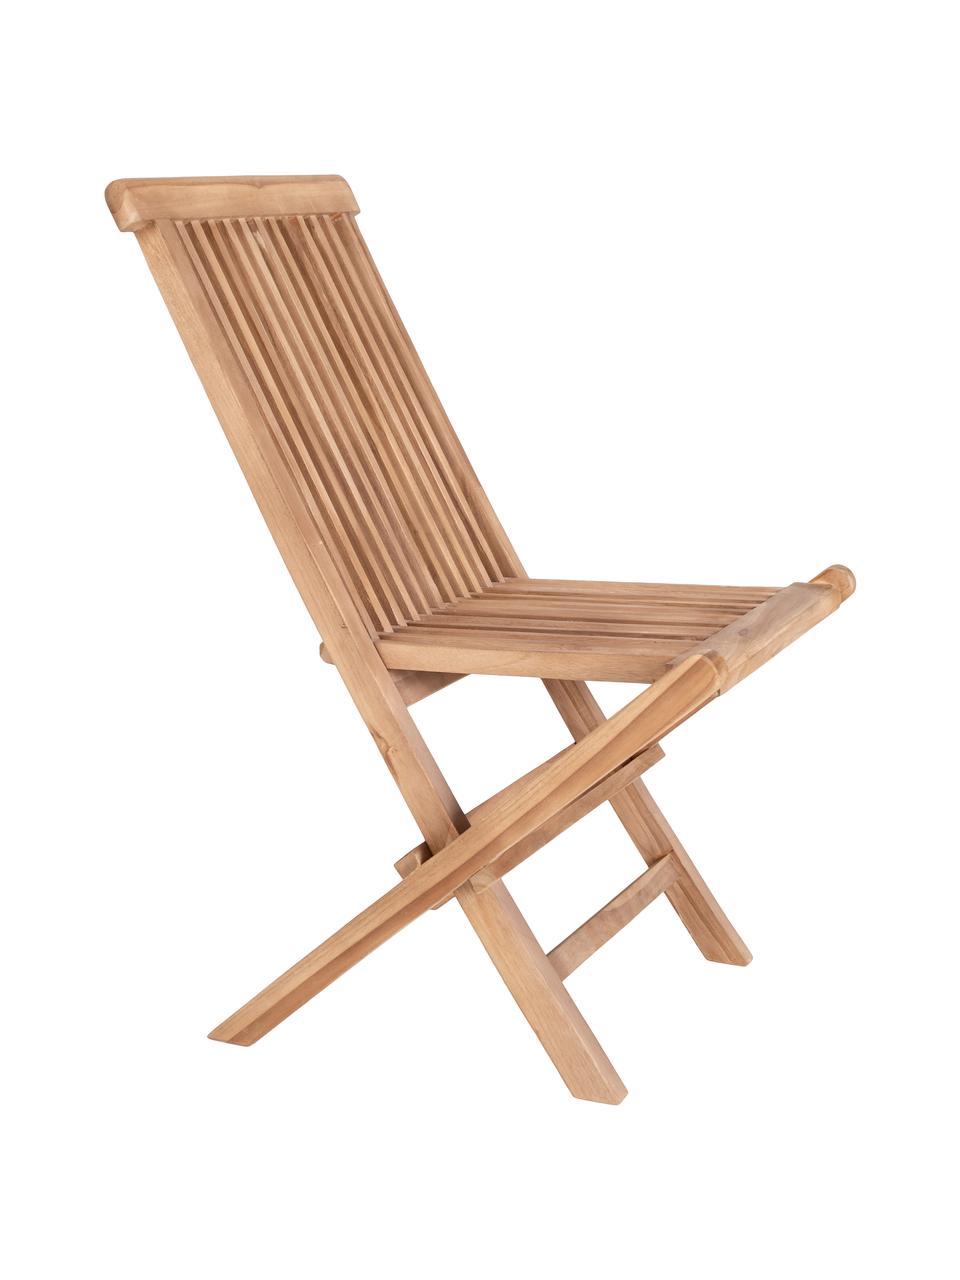 Składane krzesło ogrodowe z drewna tekowego Toledo, 2 szt., Drewno tekowe, Drewno tekowe, S 46 x G 62 cm